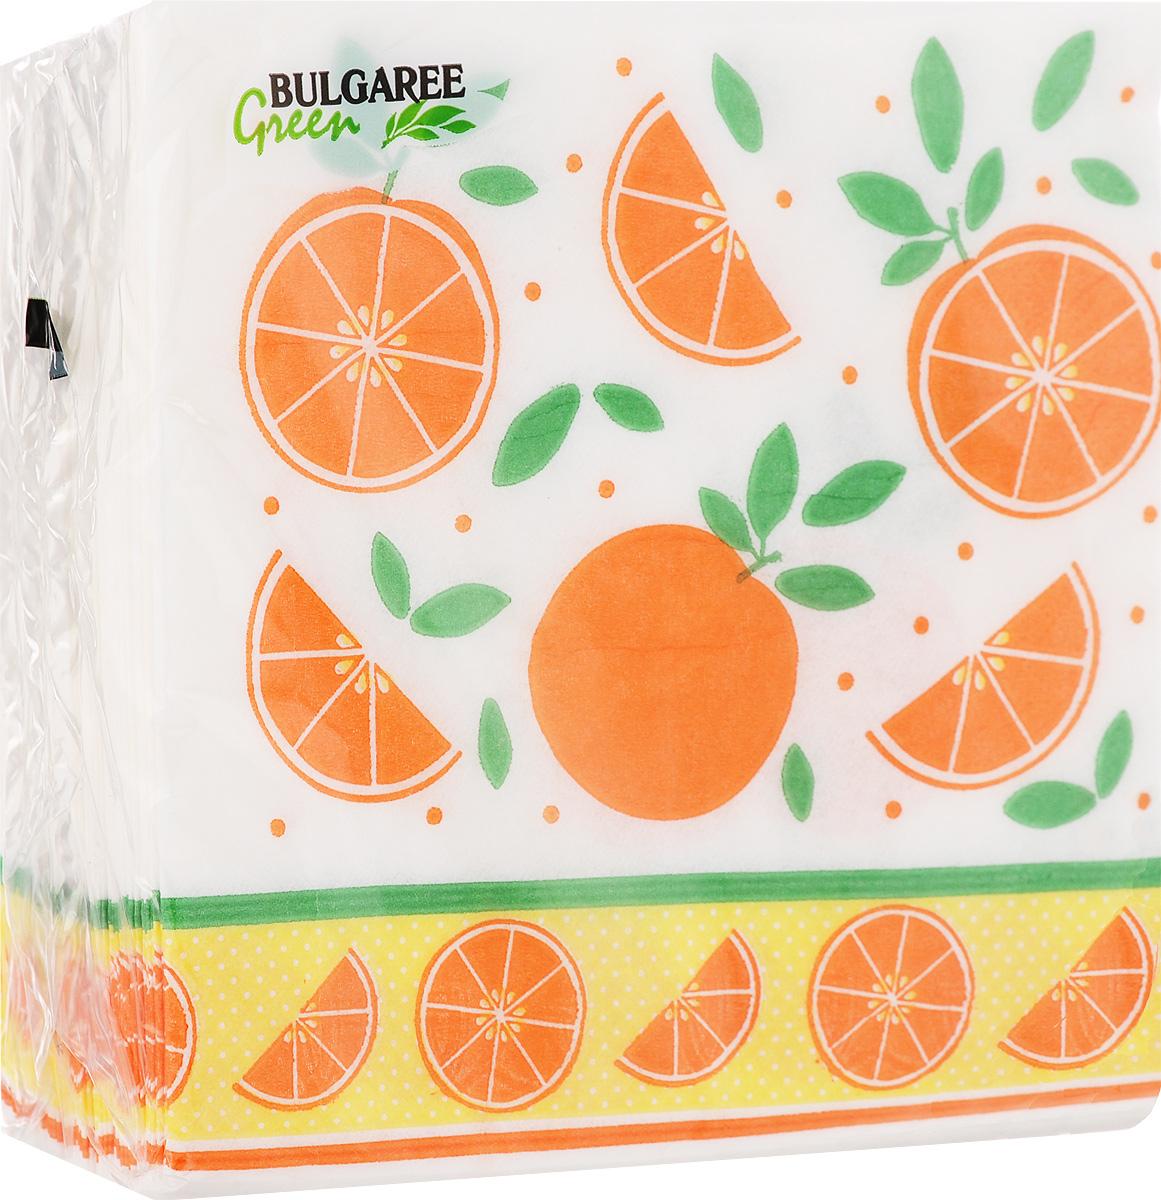 Салфетки бумажные Bulgaree Green Апельсины, однослойные, 24 х 24 см, 100 шт531-326Декоративные однослойные салфетки Bulgaree Green Апельсины выполнены из 100%целлюлозы европейского качества и оформлены ярким рисунком. Изделия станут отличным дополнением любого праздничного стола. Они отличаются необычной мягкостью, прочностью и оригинальностью.Размер салфеток в развернутом виде: 24 х 24 см.